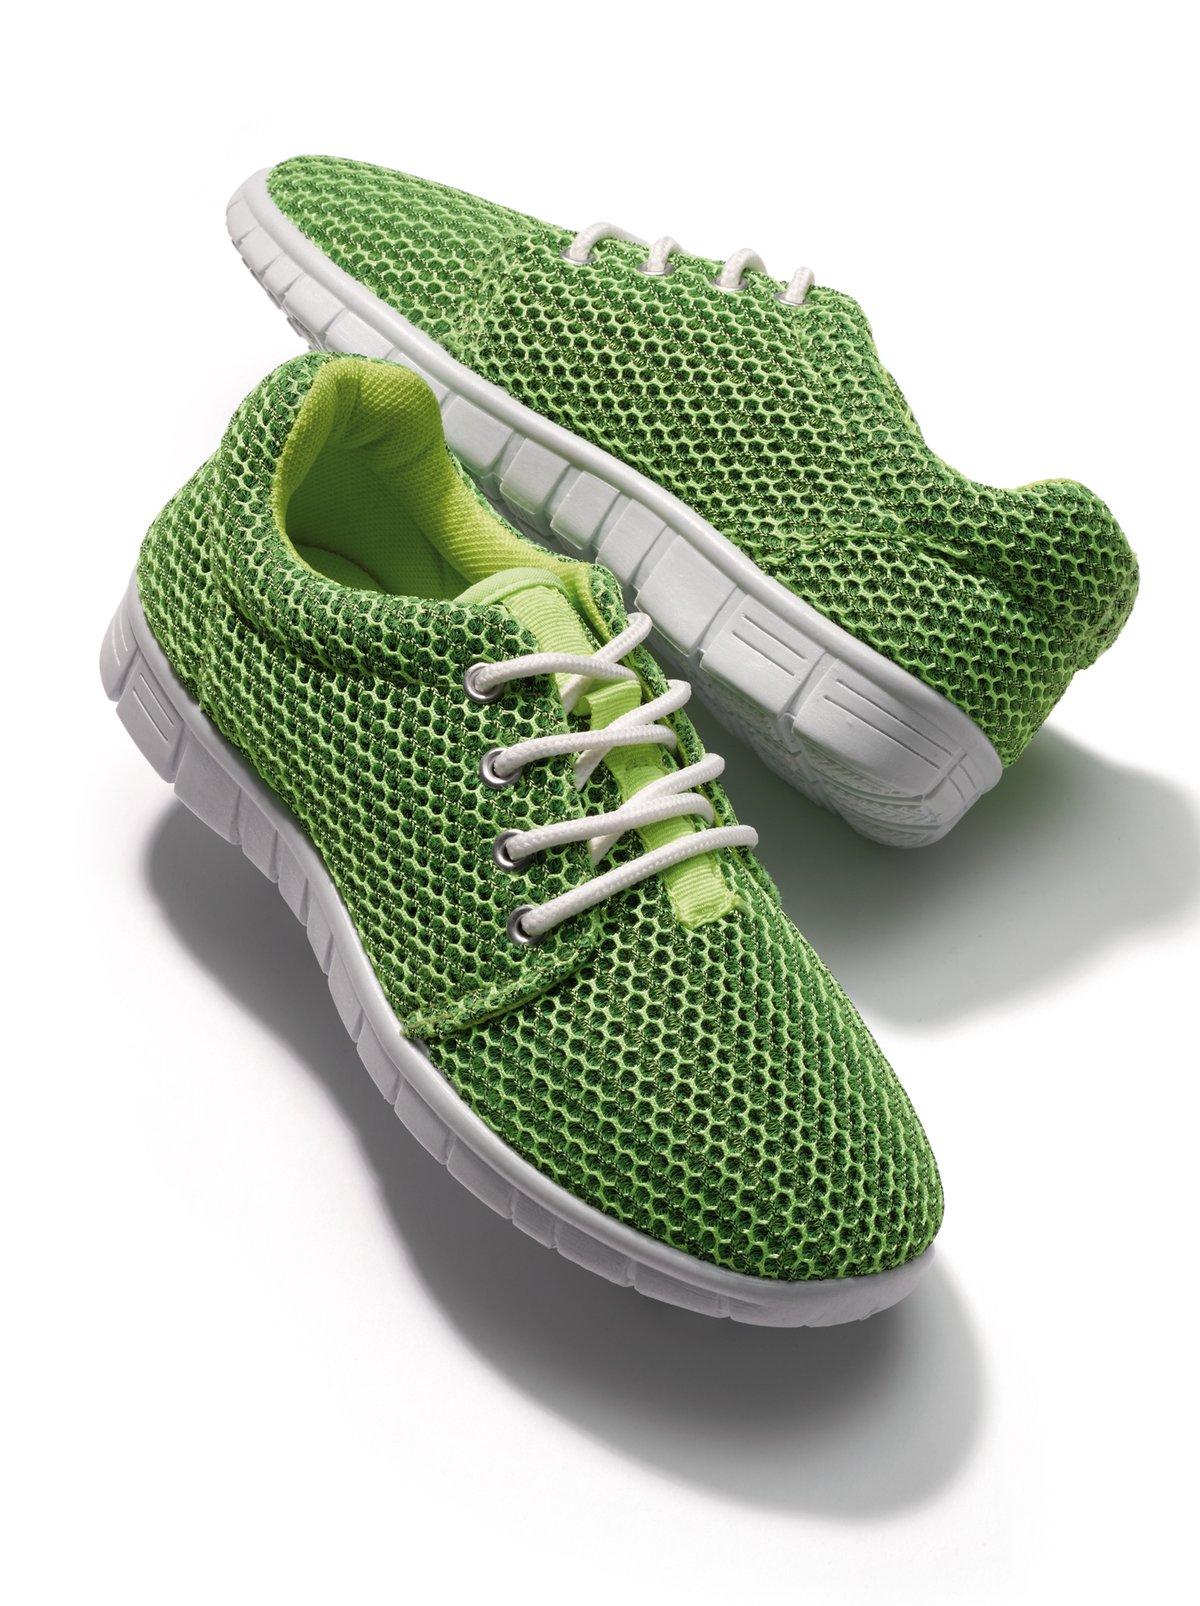 Zapatillas deportivas acolchadas por 2,36€